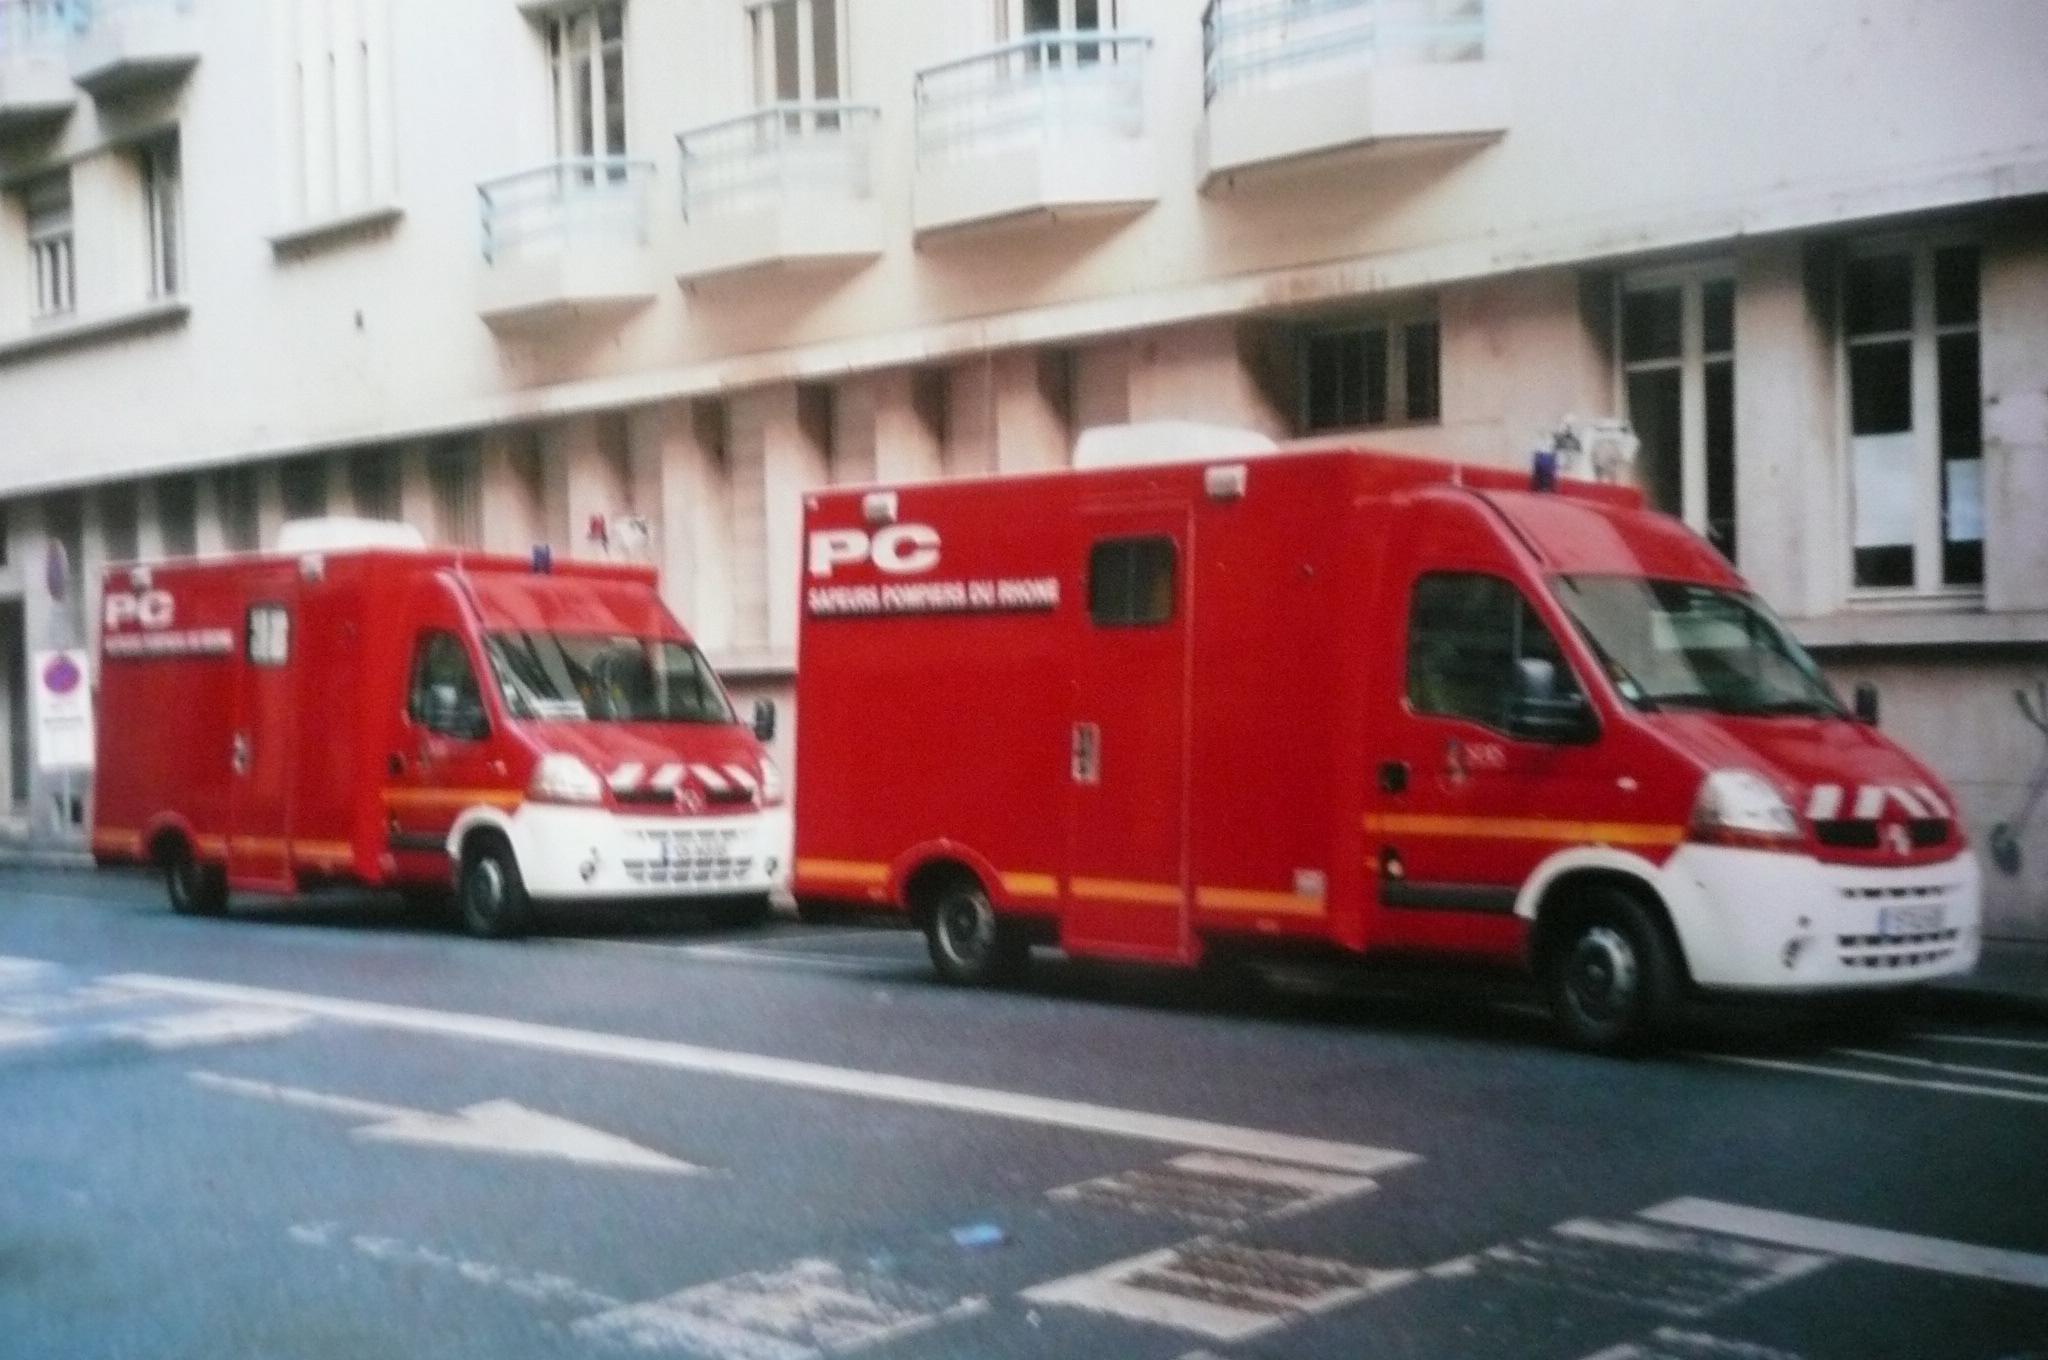 V hicules des pompiers fran ais page 1708 auto titre for Garage renault rixheim